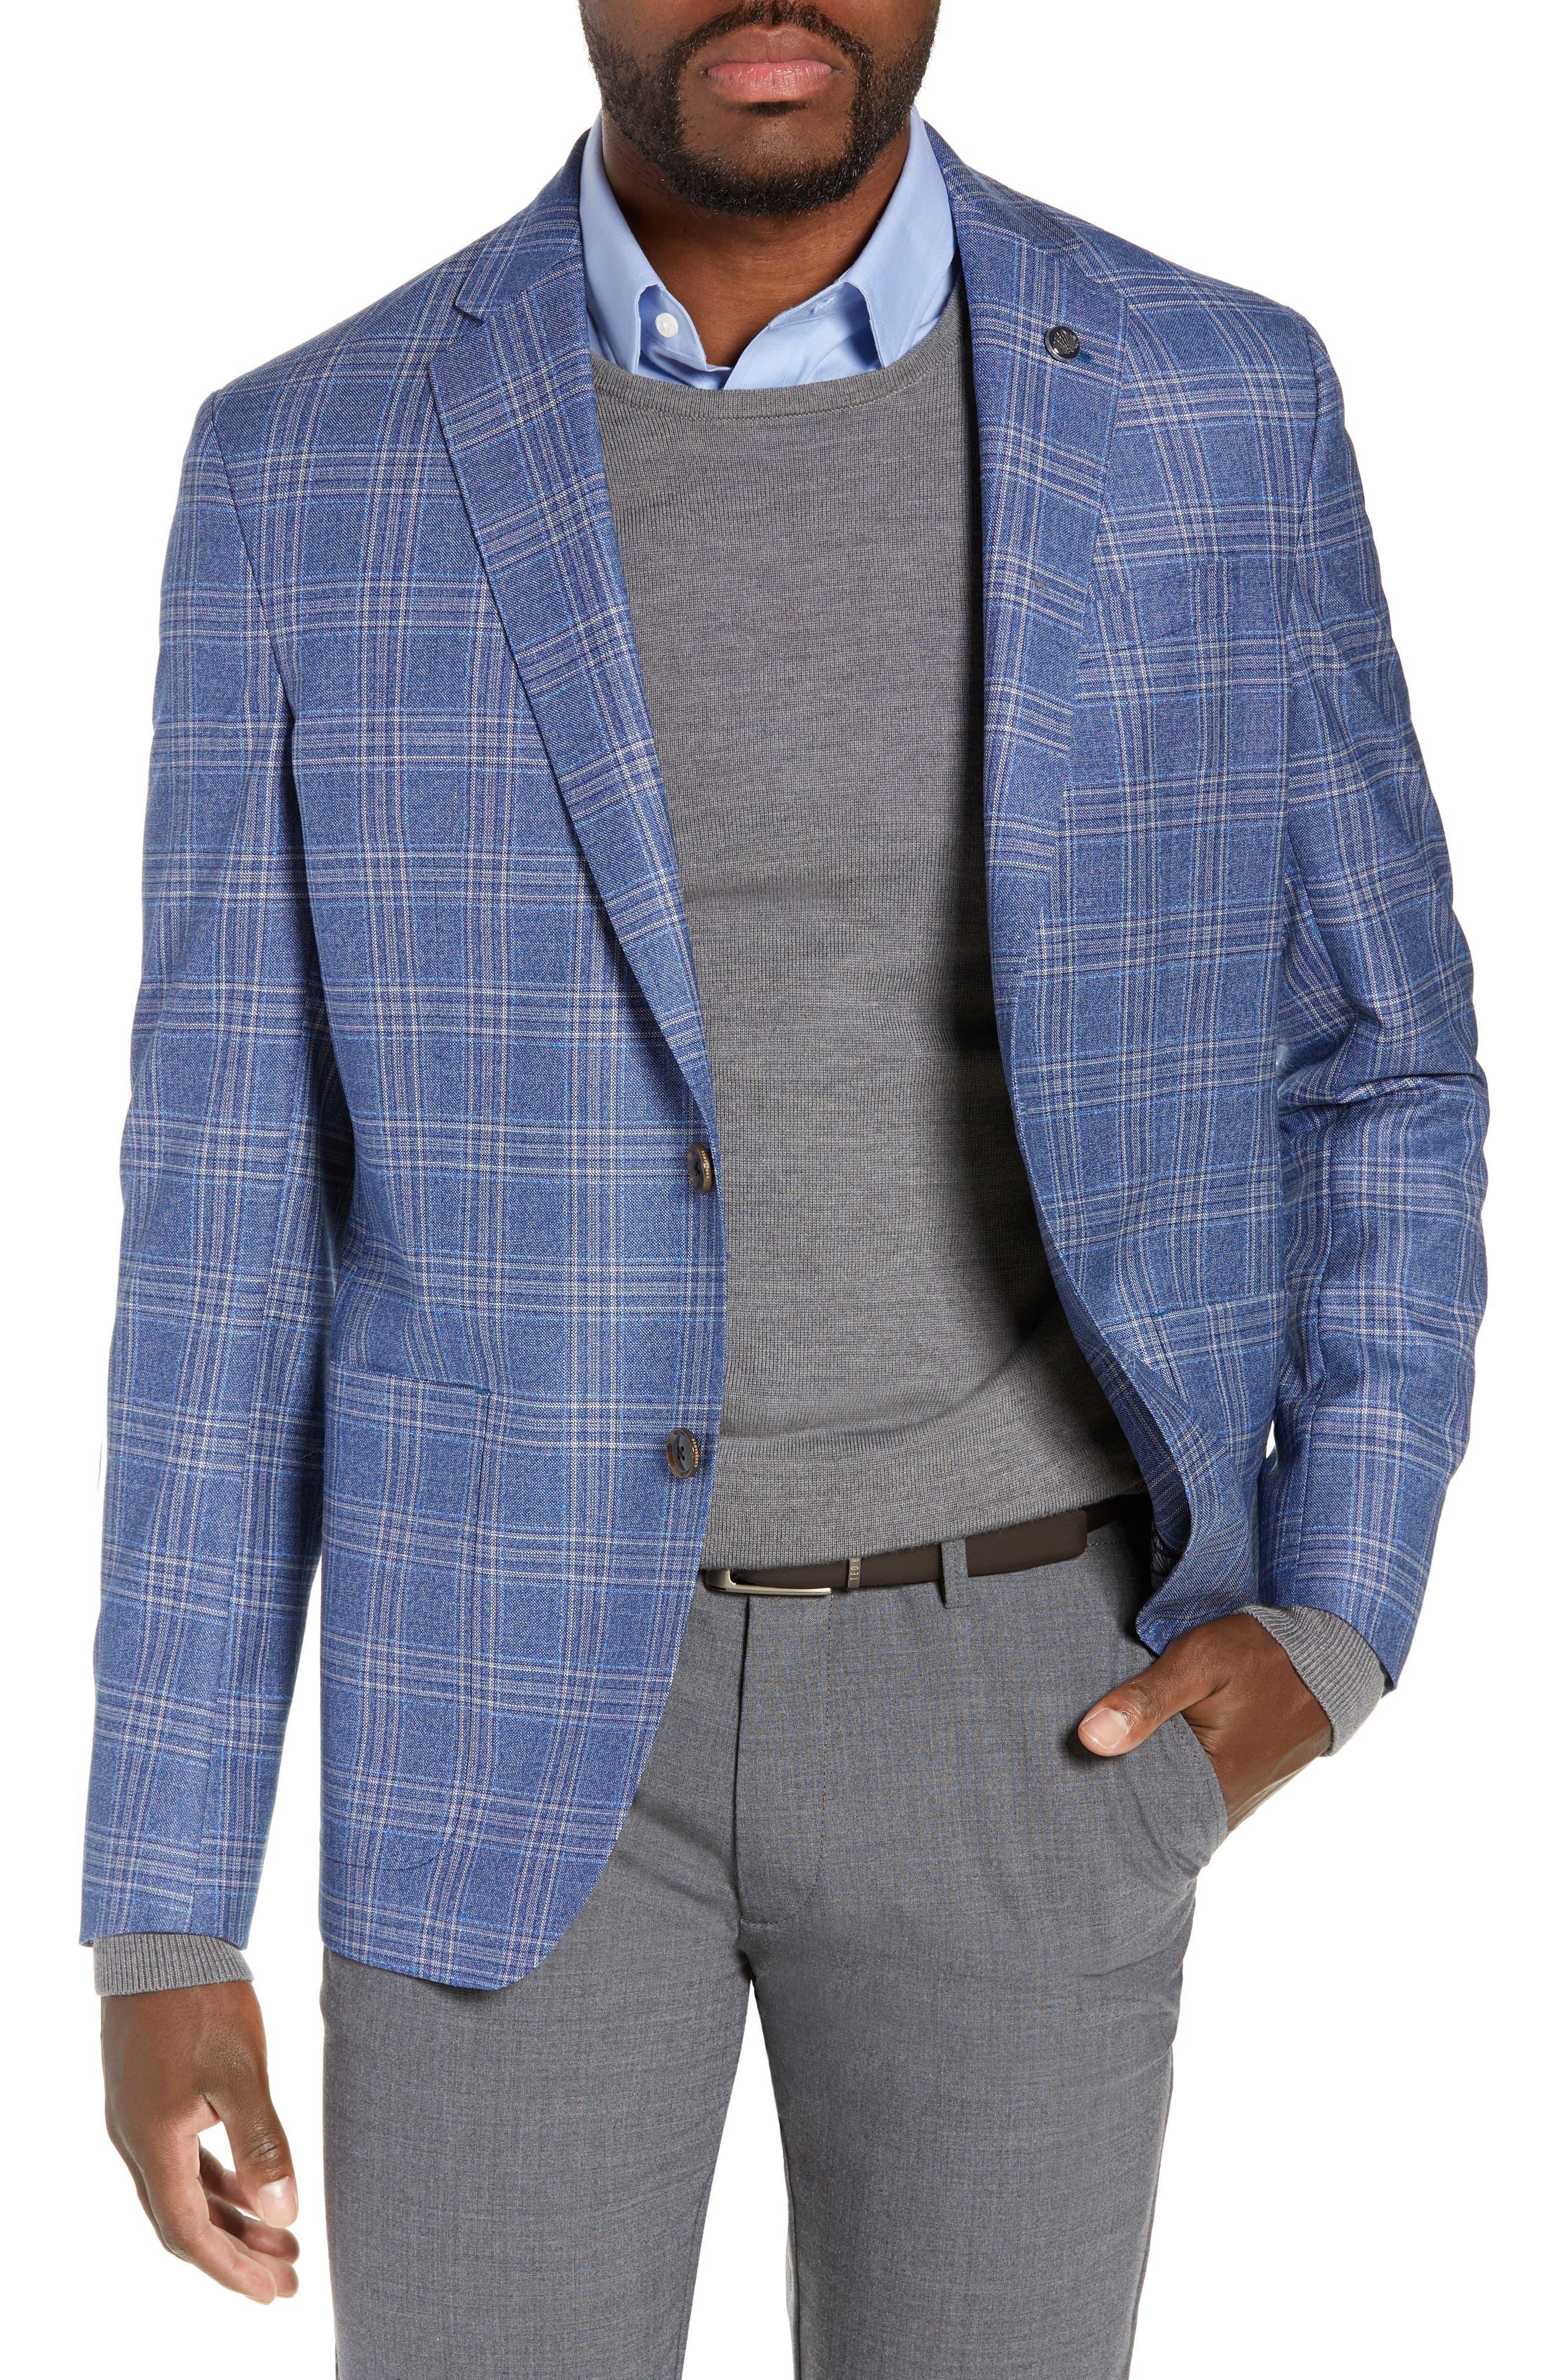 Kyle Trim Fit Plaid Wool Sport Coat, Main, color, LIGHT BLUE